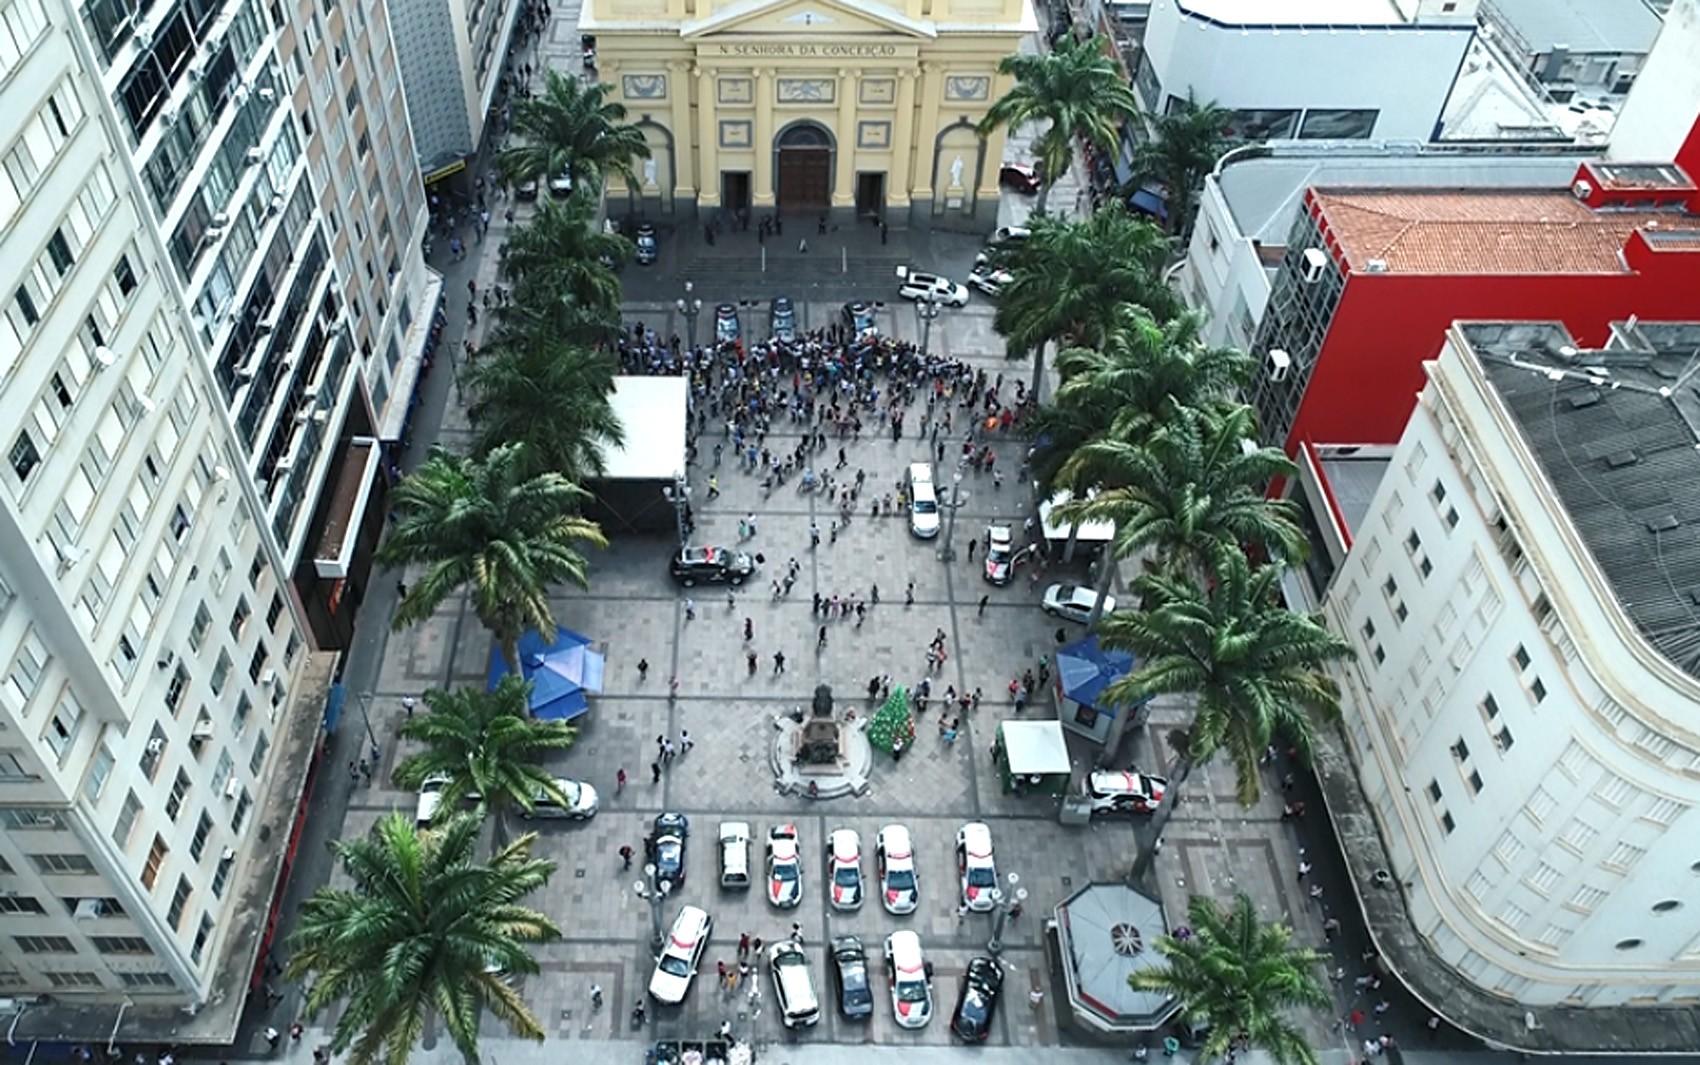 Após ataque na Catedral, Campinas soma 5 chacinas em 5 anos; psicóloga forense analisa - Noticias